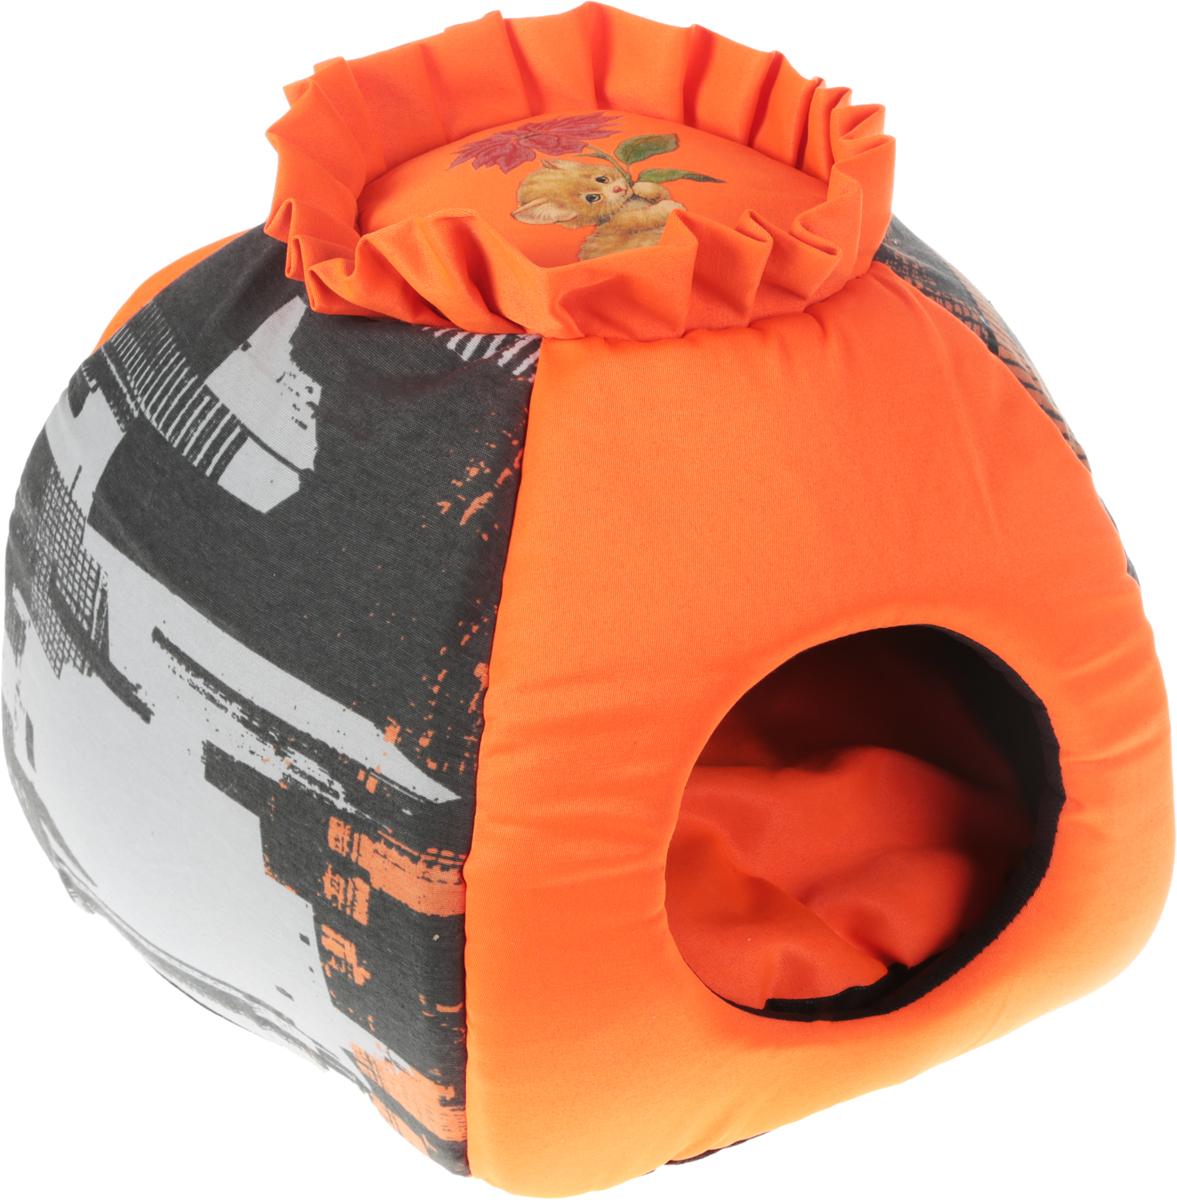 Домик-трансформер для животных GLG Гнездышко, цвет: оранжевый, черный, серый, 46 х 36 х 40 см0120710Мягкий домик-трансформер GLG Гнездышко обязательно понравится вашему питомцу. Он выполнен из высококачественного материала, а наполнитель - из мягкого поролона и синтепона. Такиематериалы не теряют своей формы долгое время.Домик-трансформер оснащен мягкой съемной подстилкой. При необходимости его можно преобразовать в лежак с высокими бортиками, которые обеспечат вашему любимцу уют. Домик-трансформер GLG Гнездышко станет излюбленным местом вашего питомца, подарит ему спокойный и комфортный сон, а также убережет вашу мебель от шерсти.Размер домика-трансформера (в виде лежака): 20 х 36 х 40 см.Размер домика-трансформера (в виде домика): 46 х 36 х 40 см.